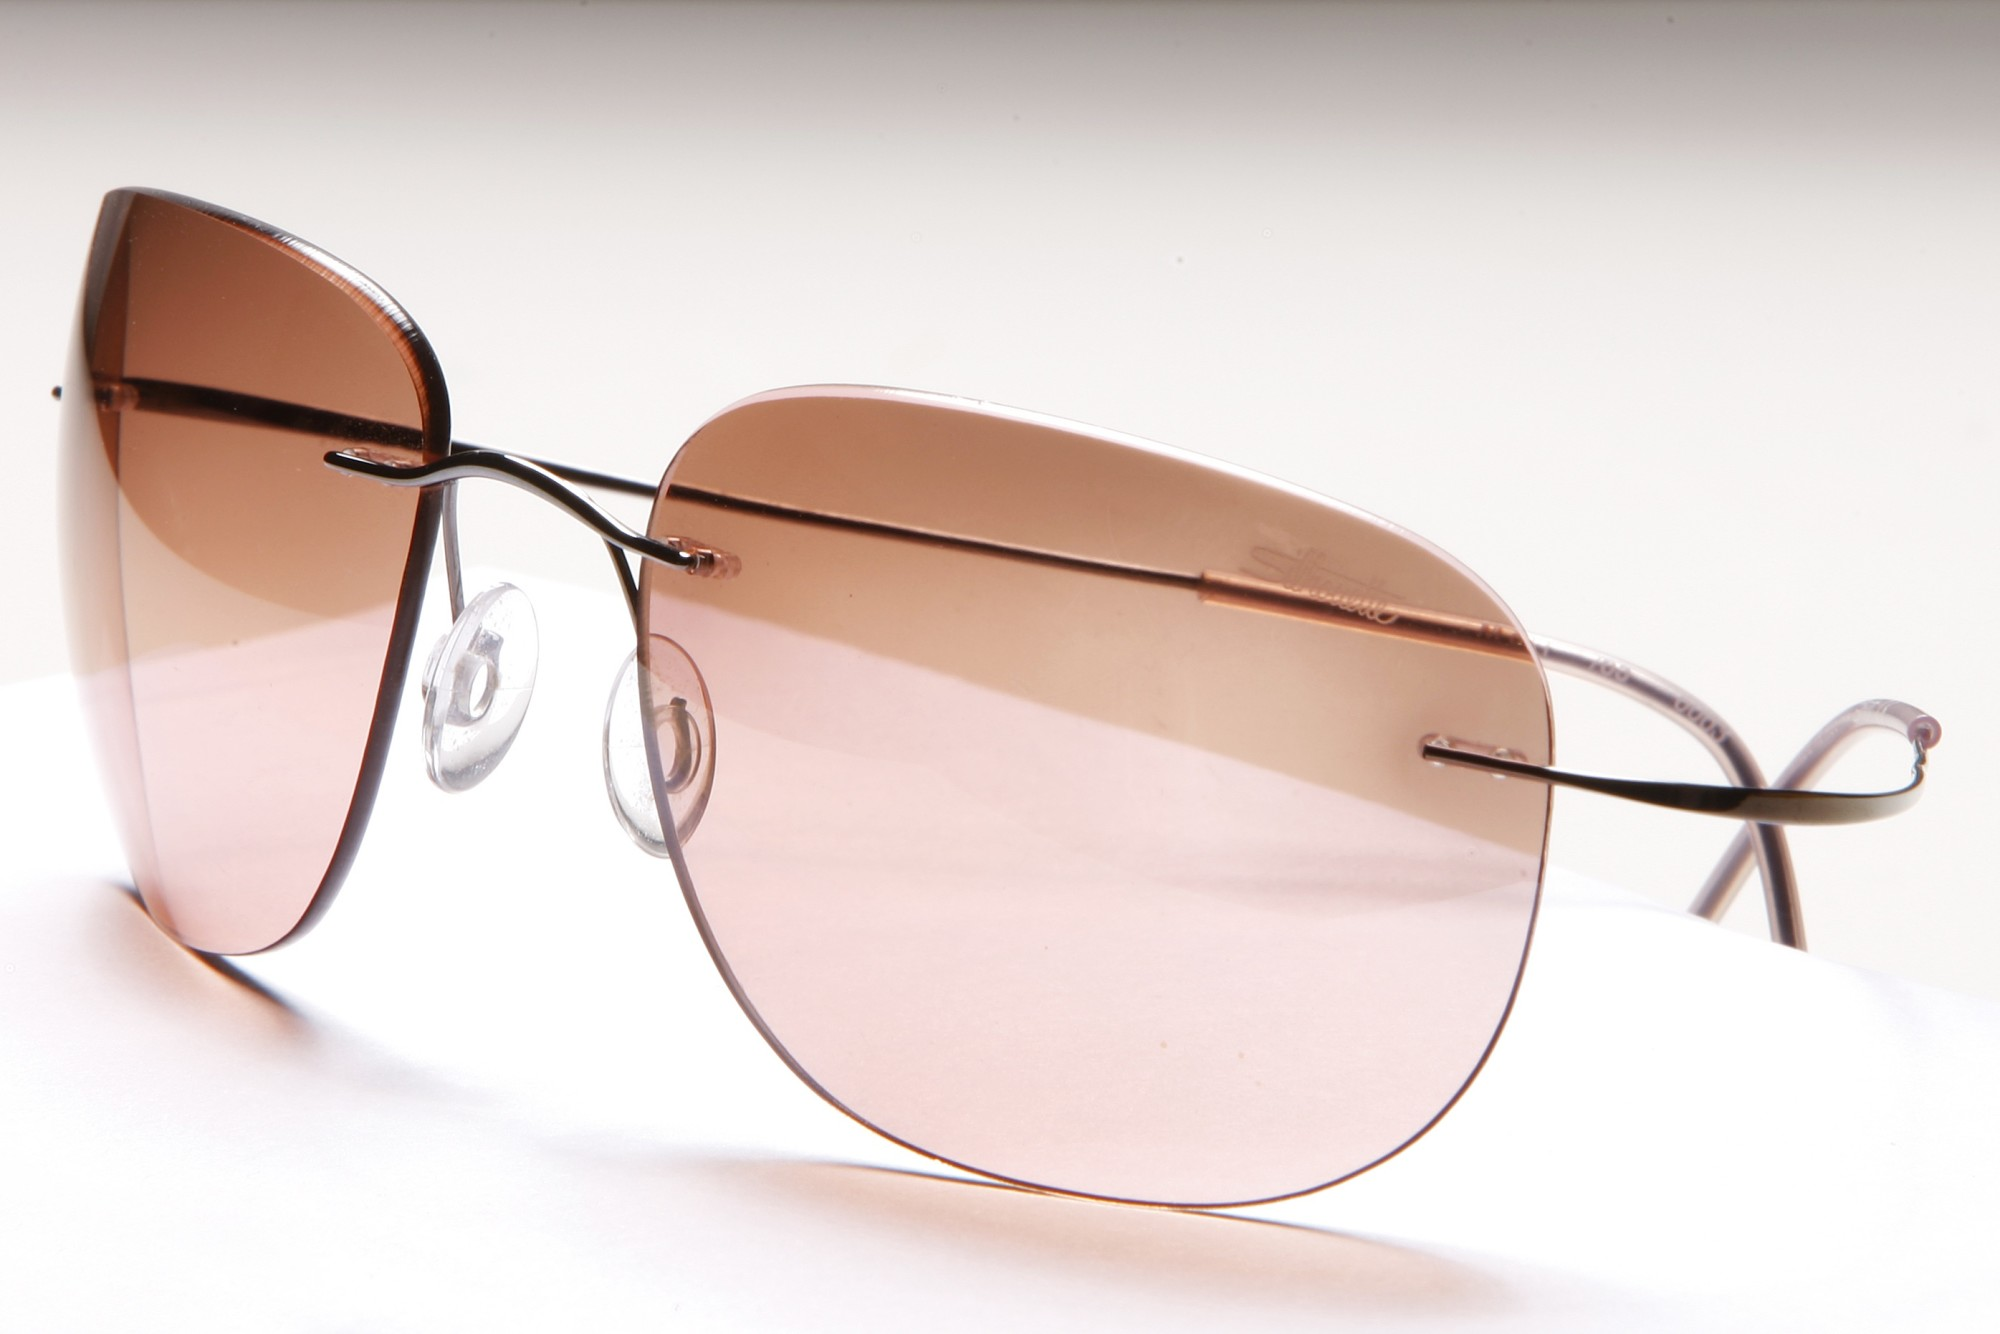 uv protection lenses